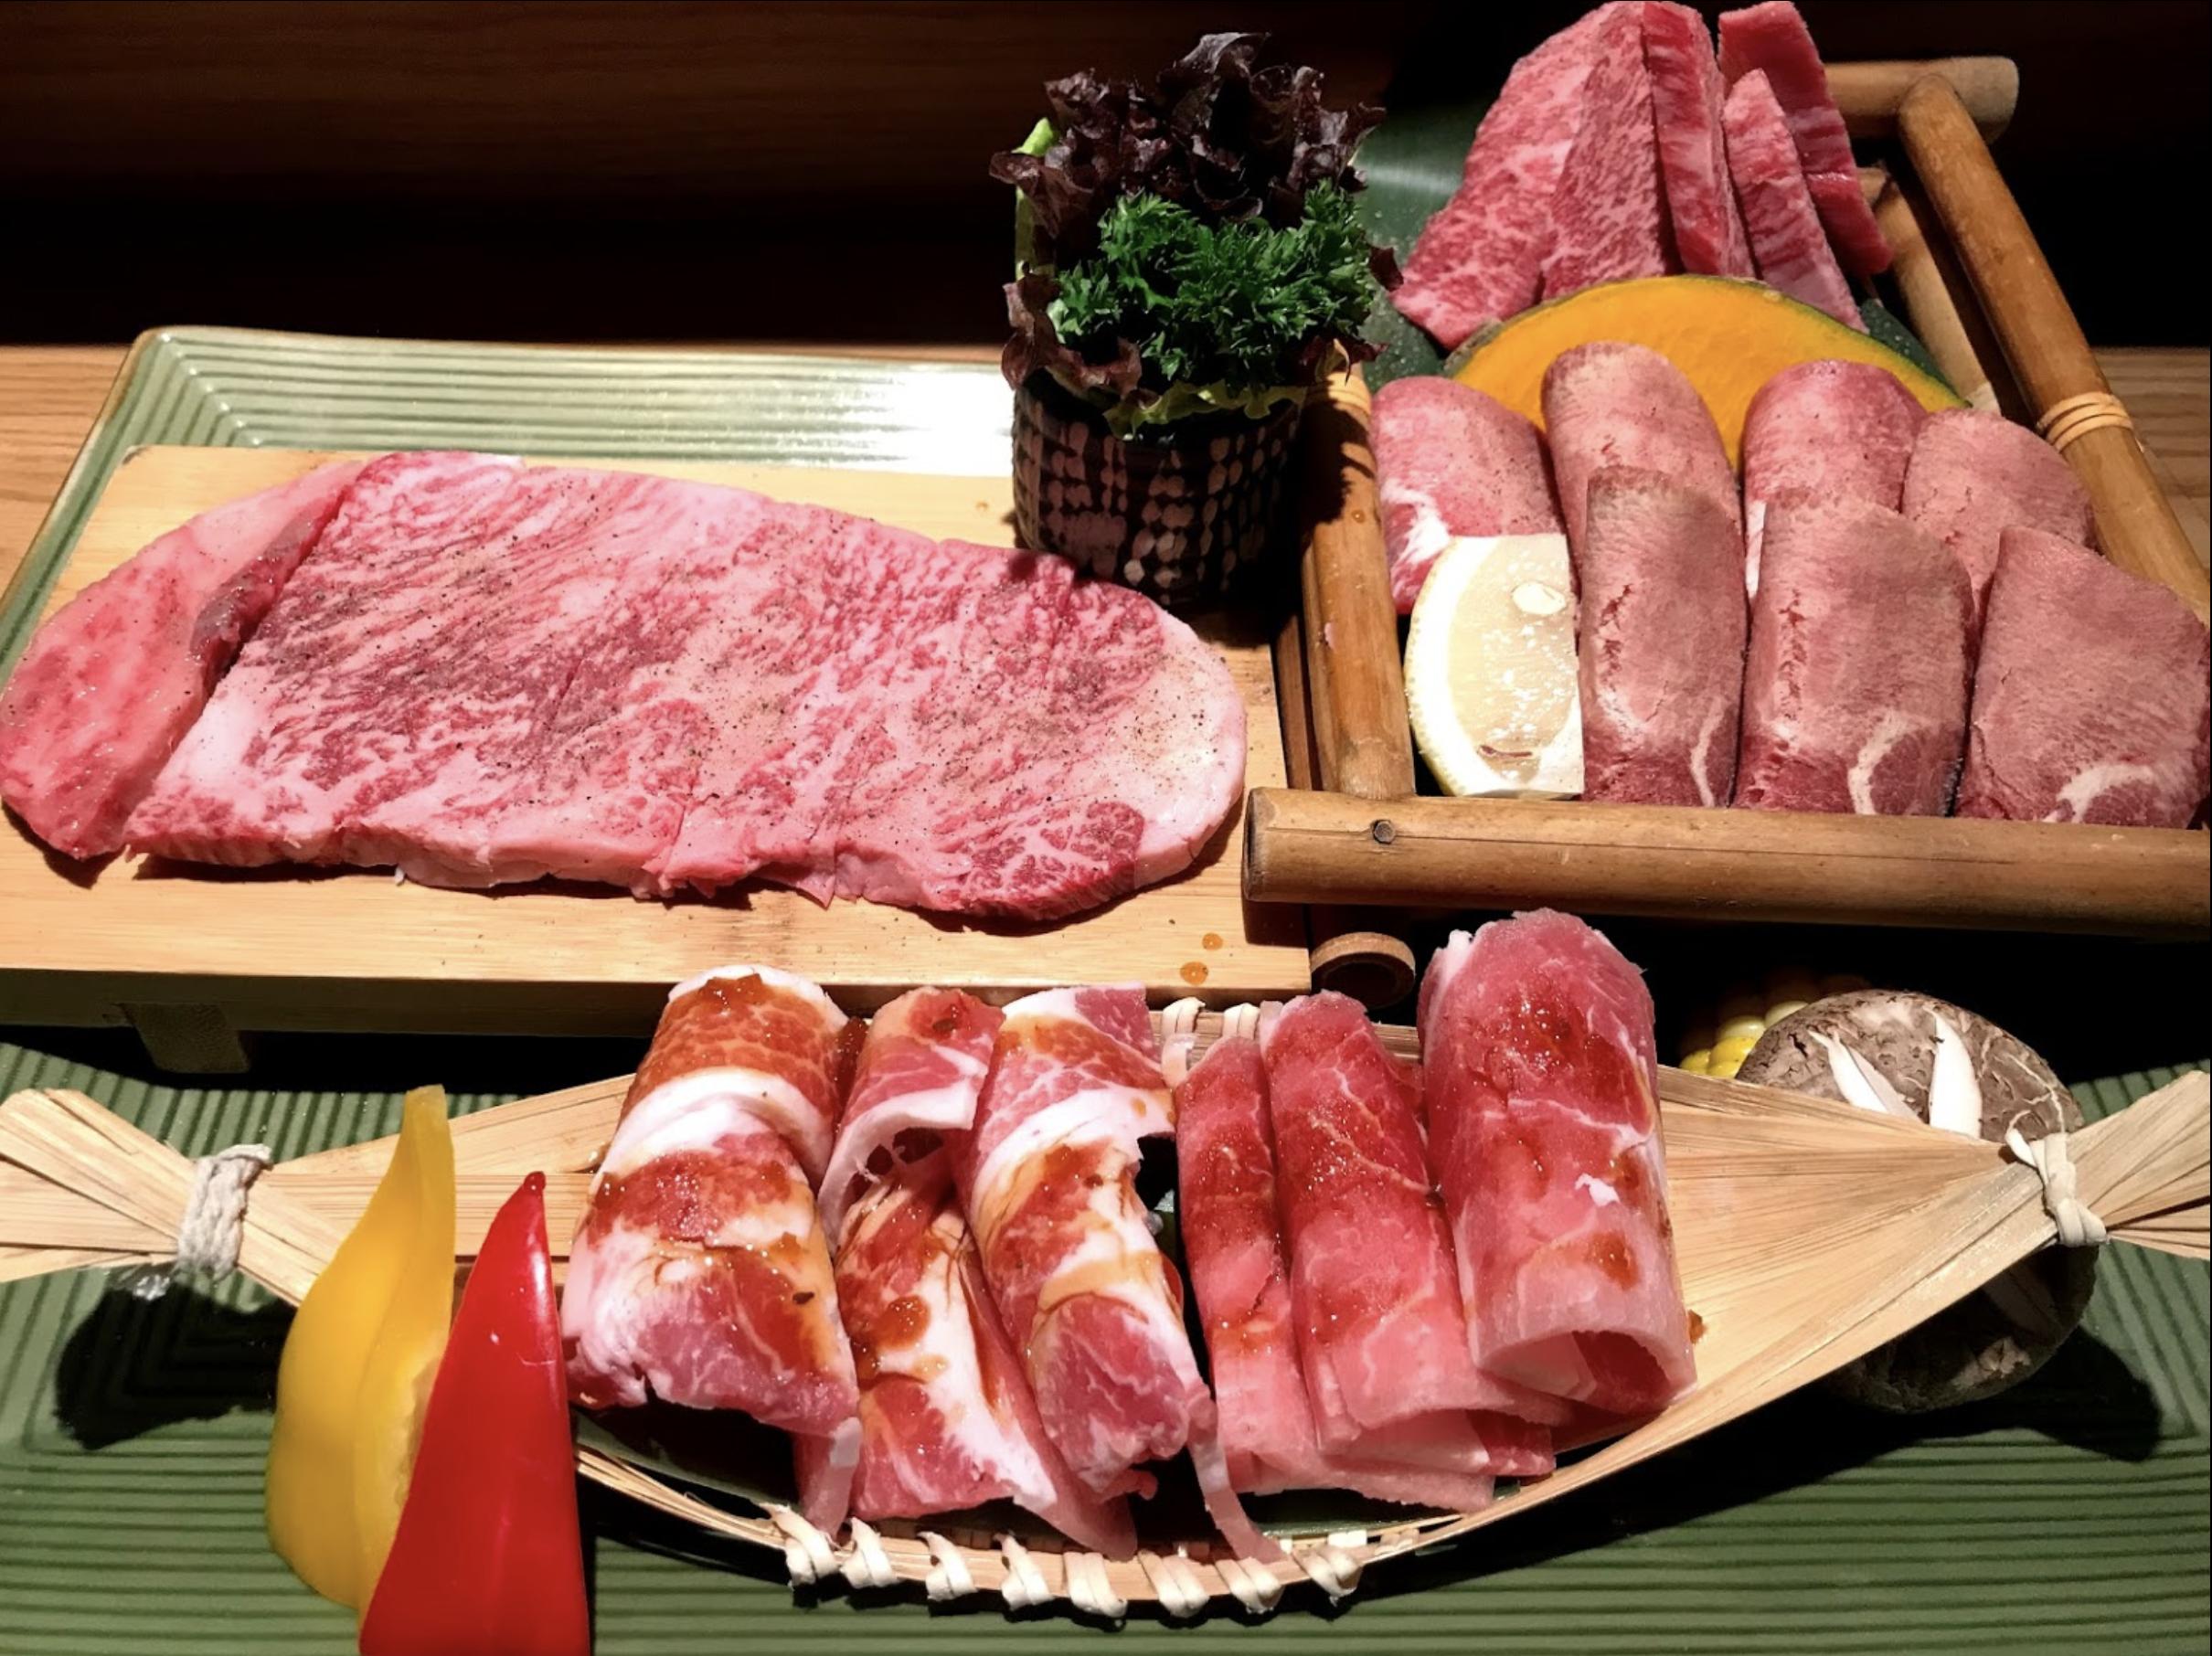 旺角燒肉/和牛燒肉‧純/和牛拼盆有牛肉眼,牛排肉,牛肩眼,五花肉等等。賣相已經好吸引, 擺位整齊精美。 而且拼盆上都有配菜可以一齊燒,燒完和牛仲可以夾菜一齊食,另有一番滋味。